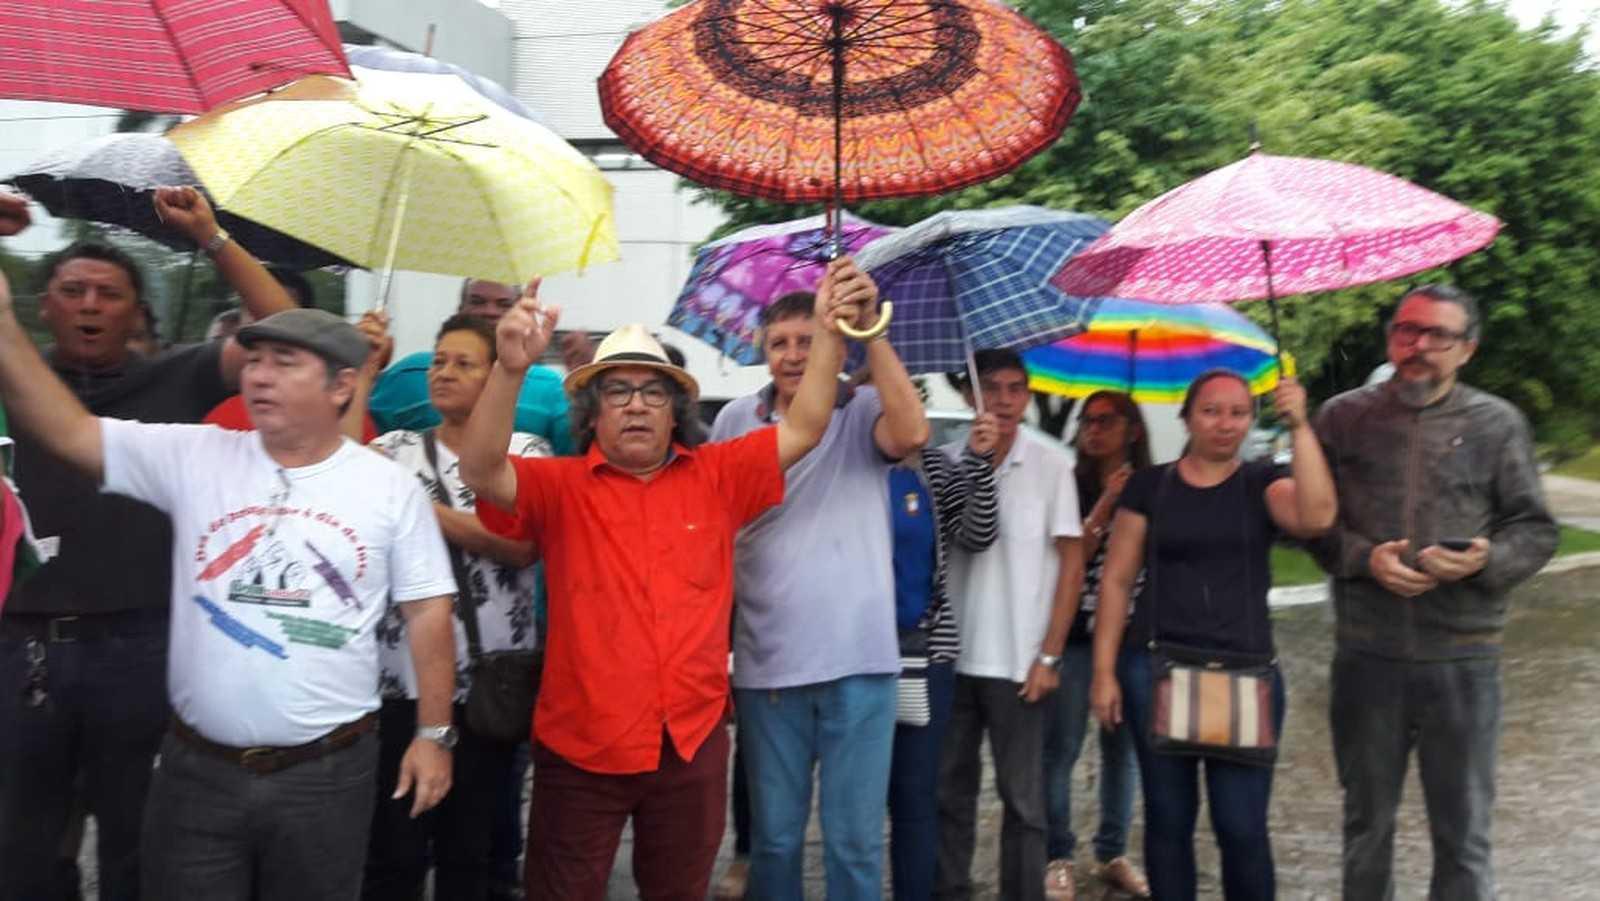 Foto: Divulgação/Asprom Sindical